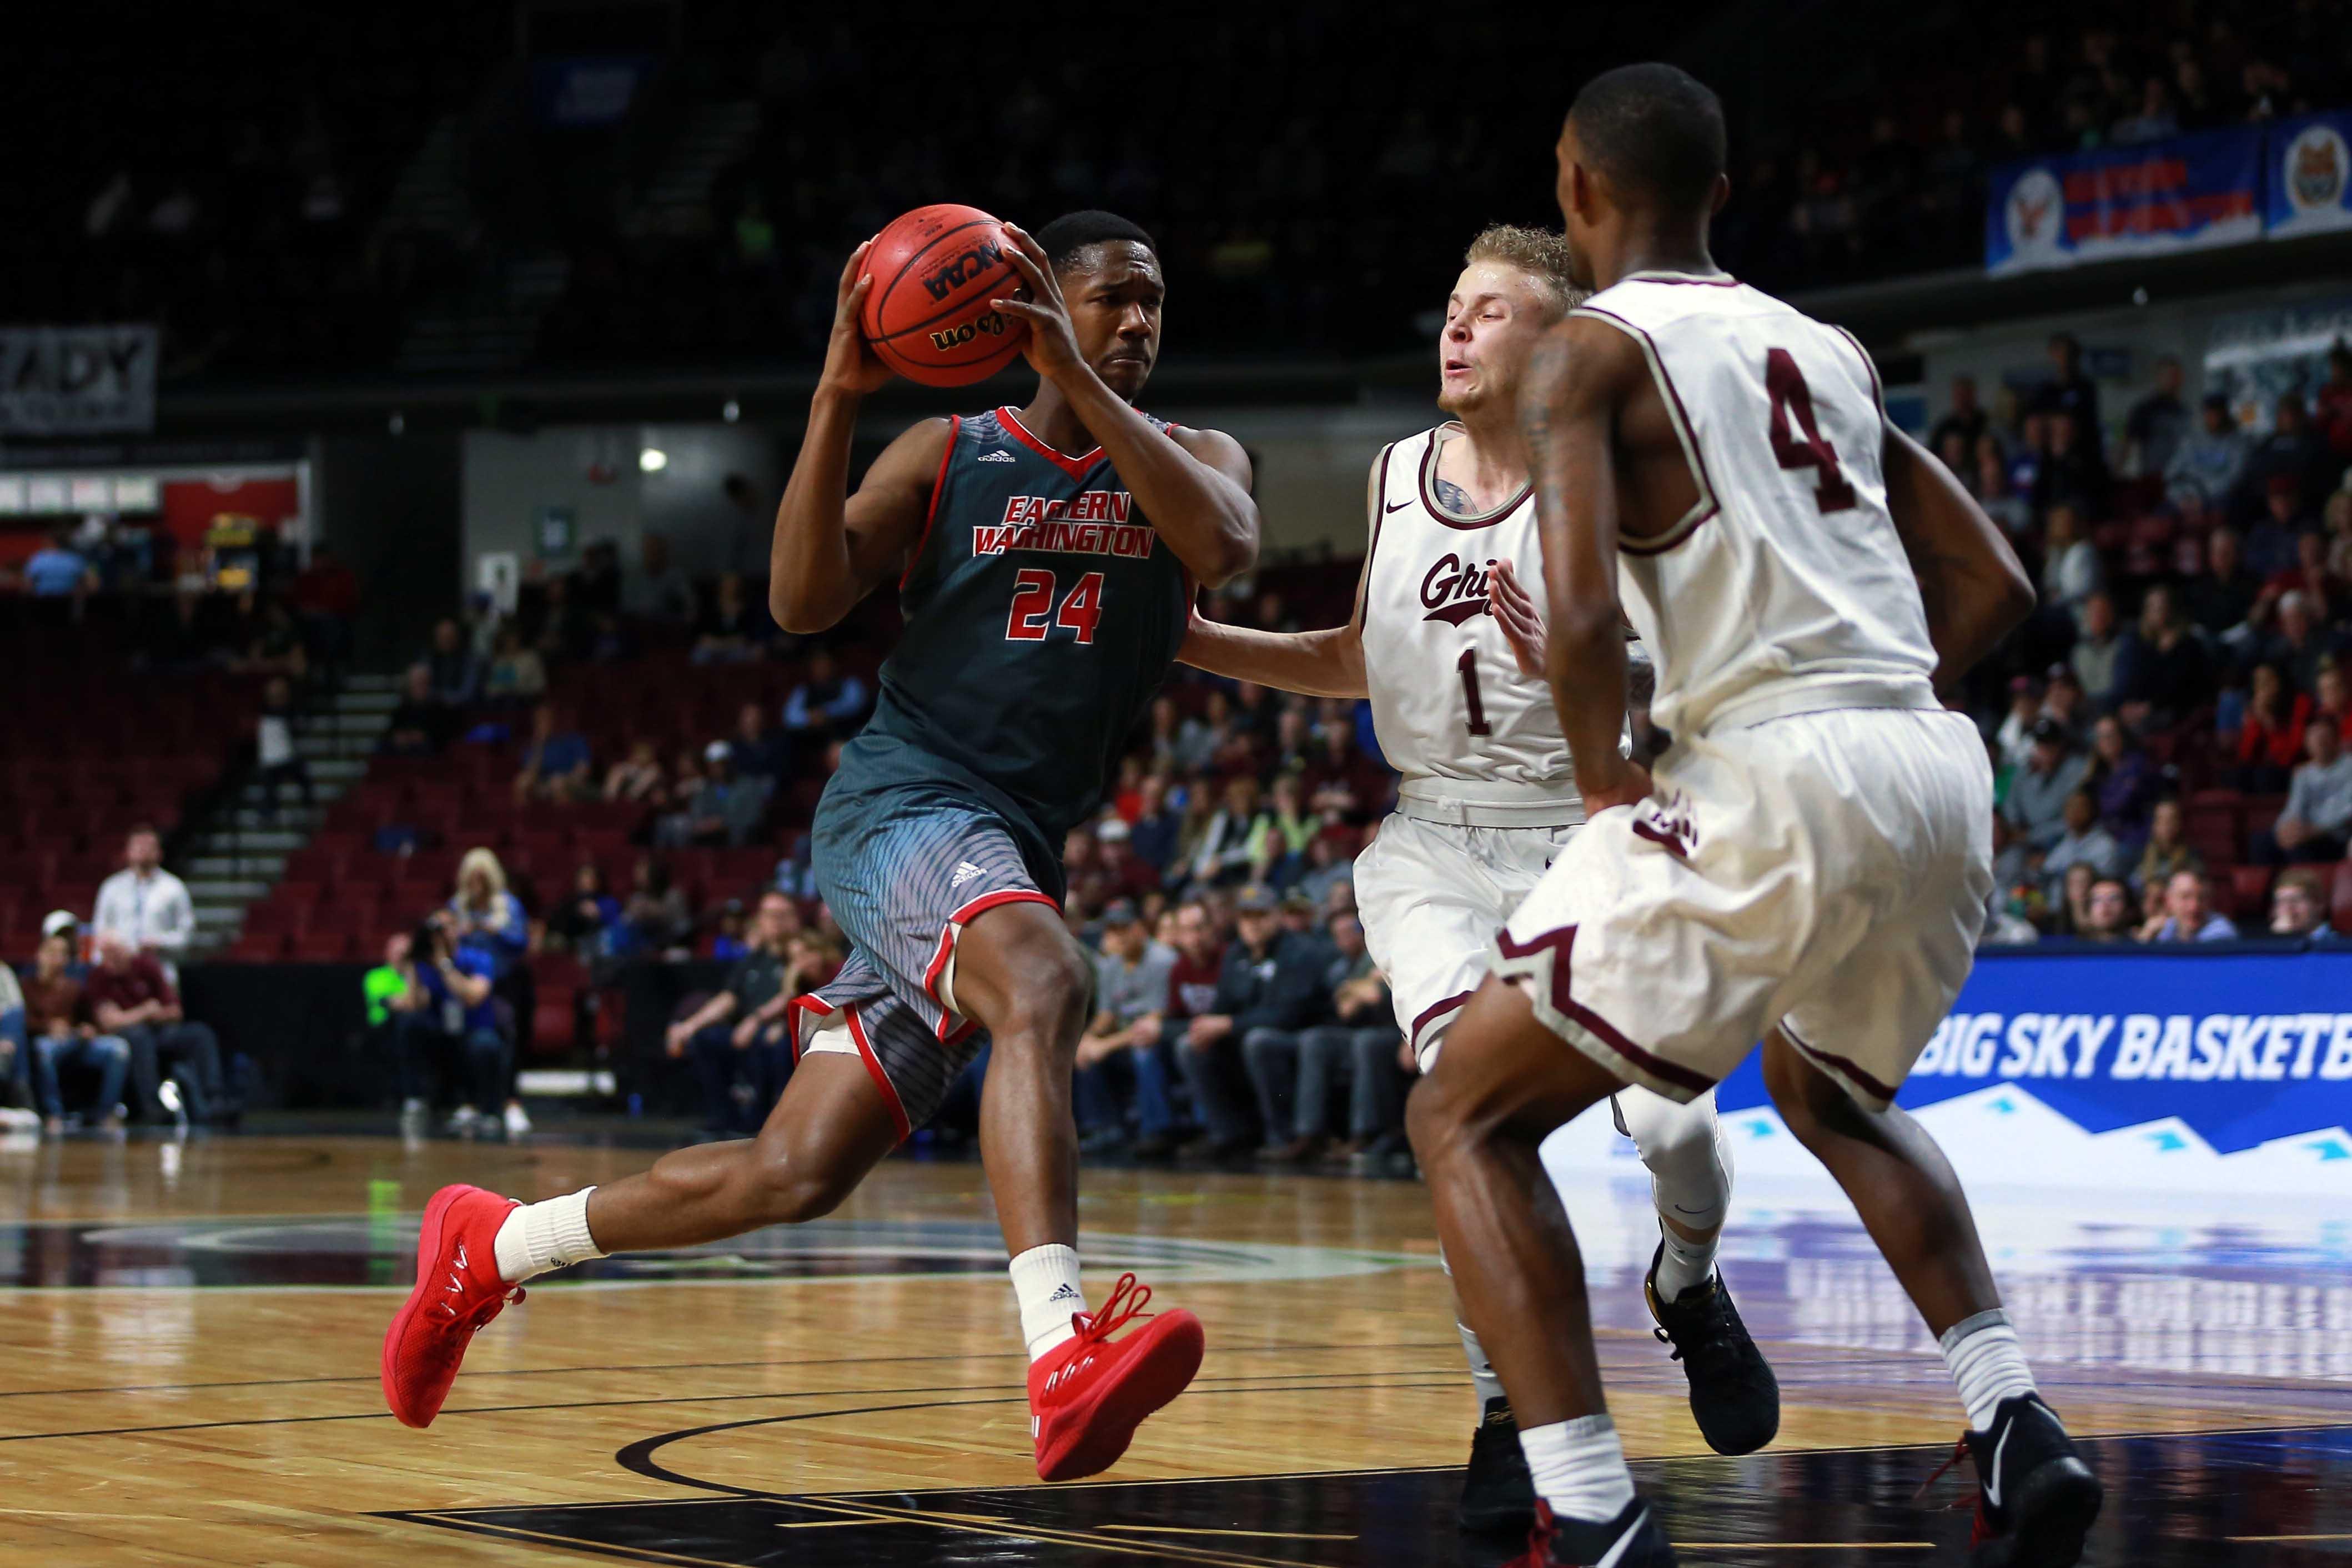 NCAA Basketball: Big Sky Conference Tournament: Montana vs Eastern Washington